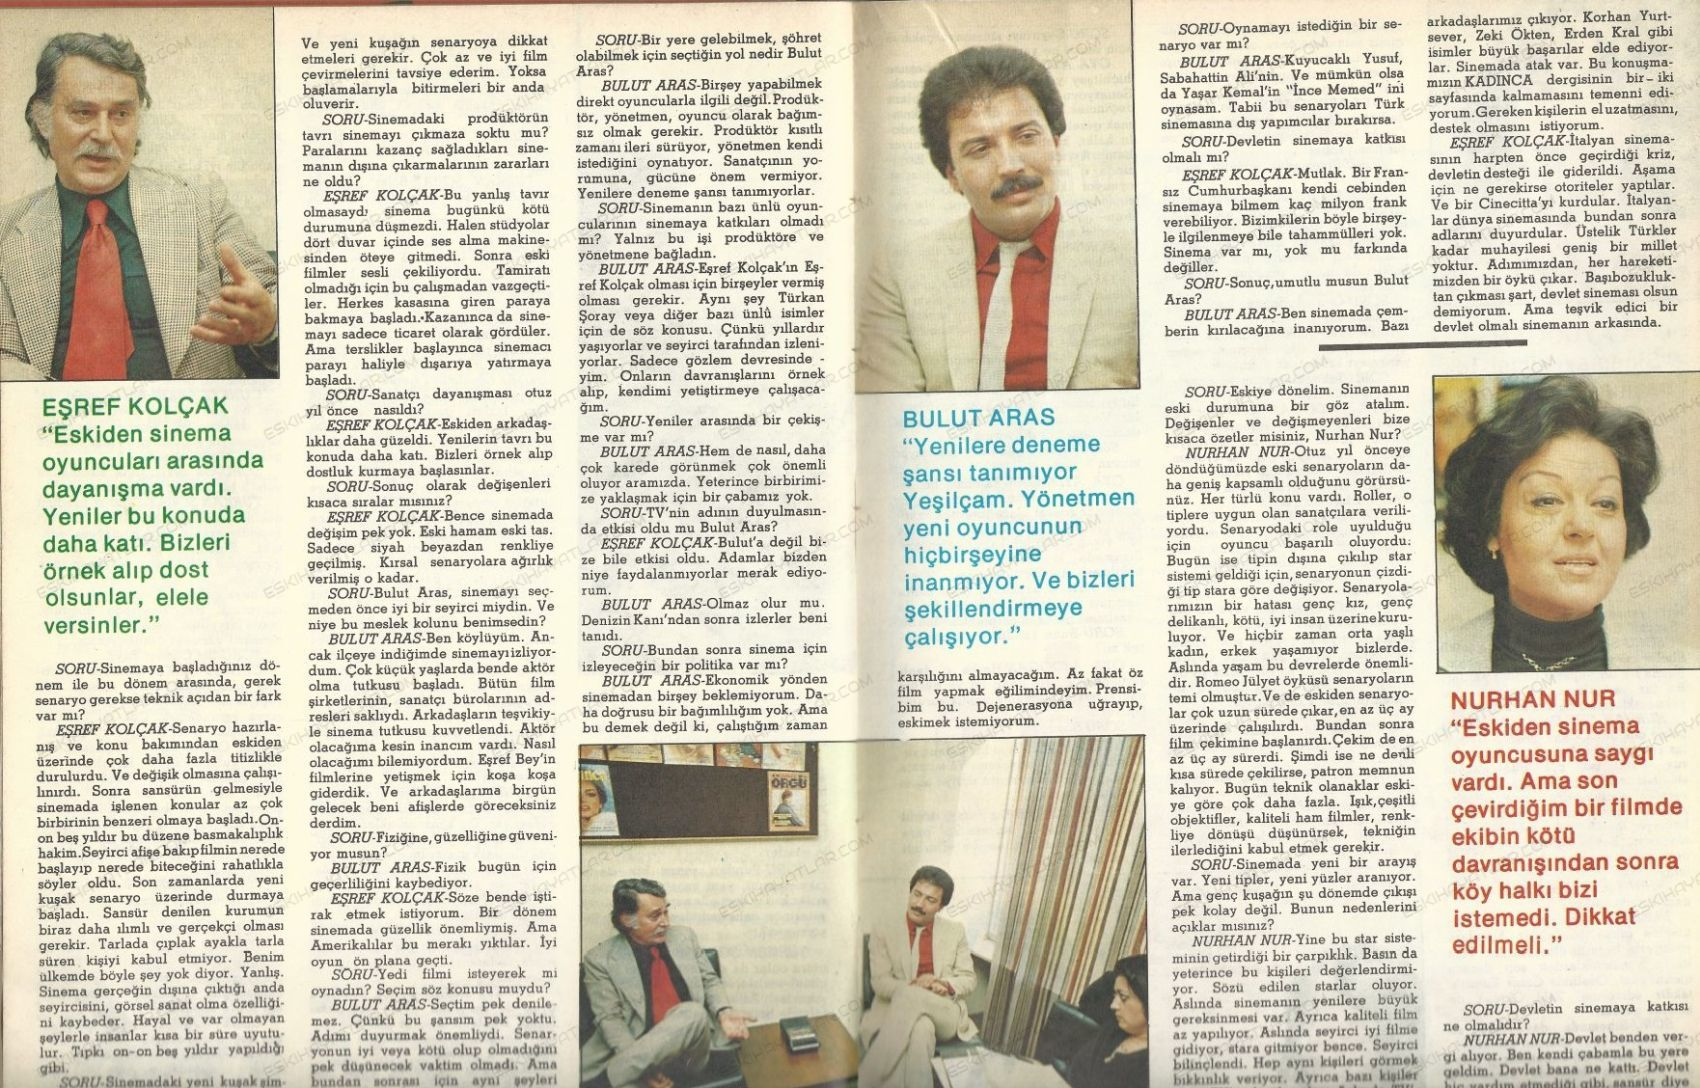 0120-seksenli-yillarda-turk-sinemasi-turkan-soray-roportaji-cuneyt-arkin-1981-kadinca-dergisi (6)